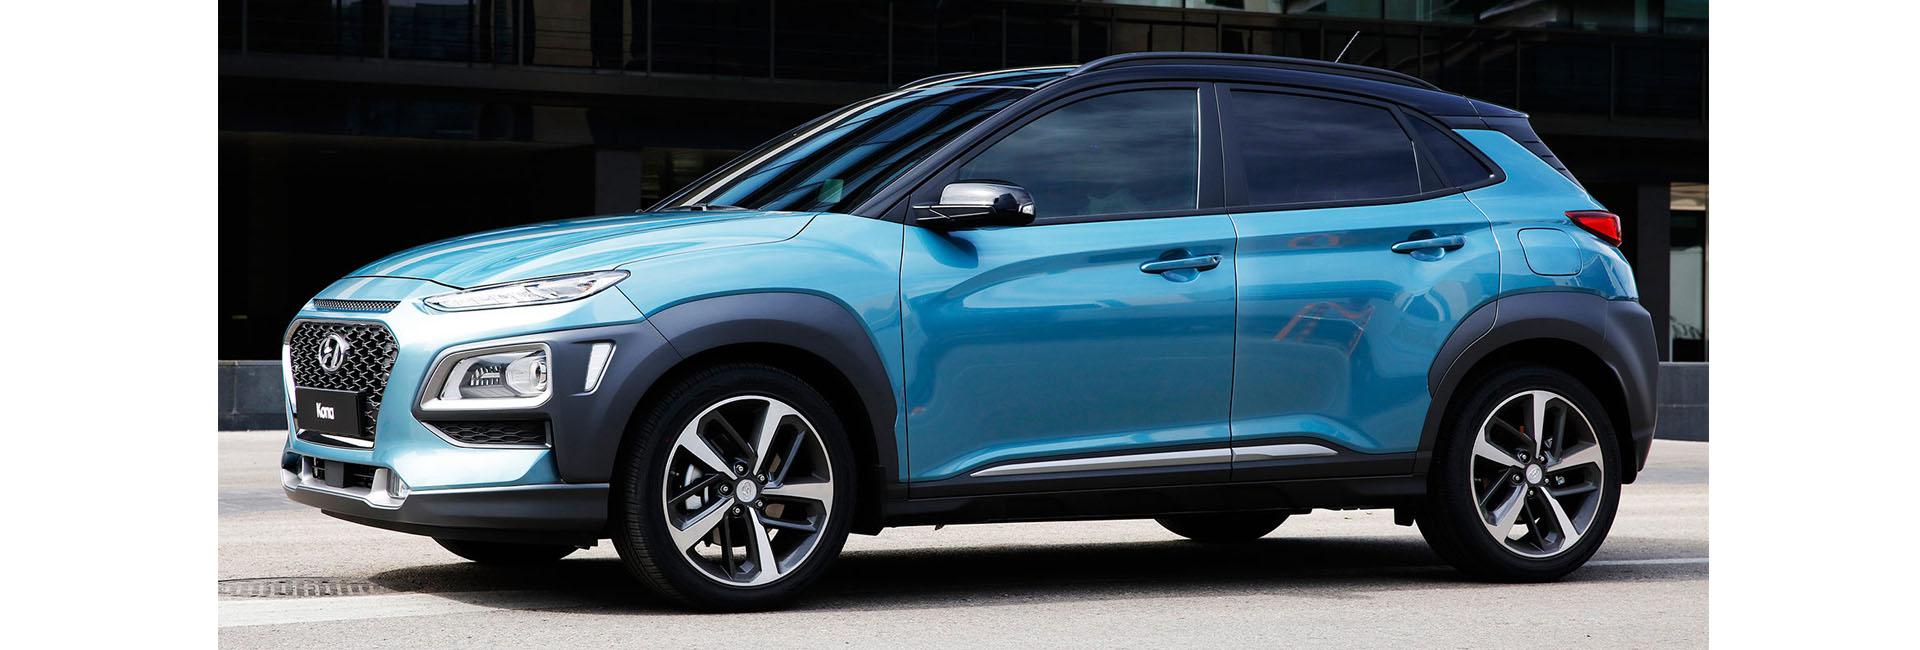 2018 Hyundai Kona Introduction at Pathway Hyundai